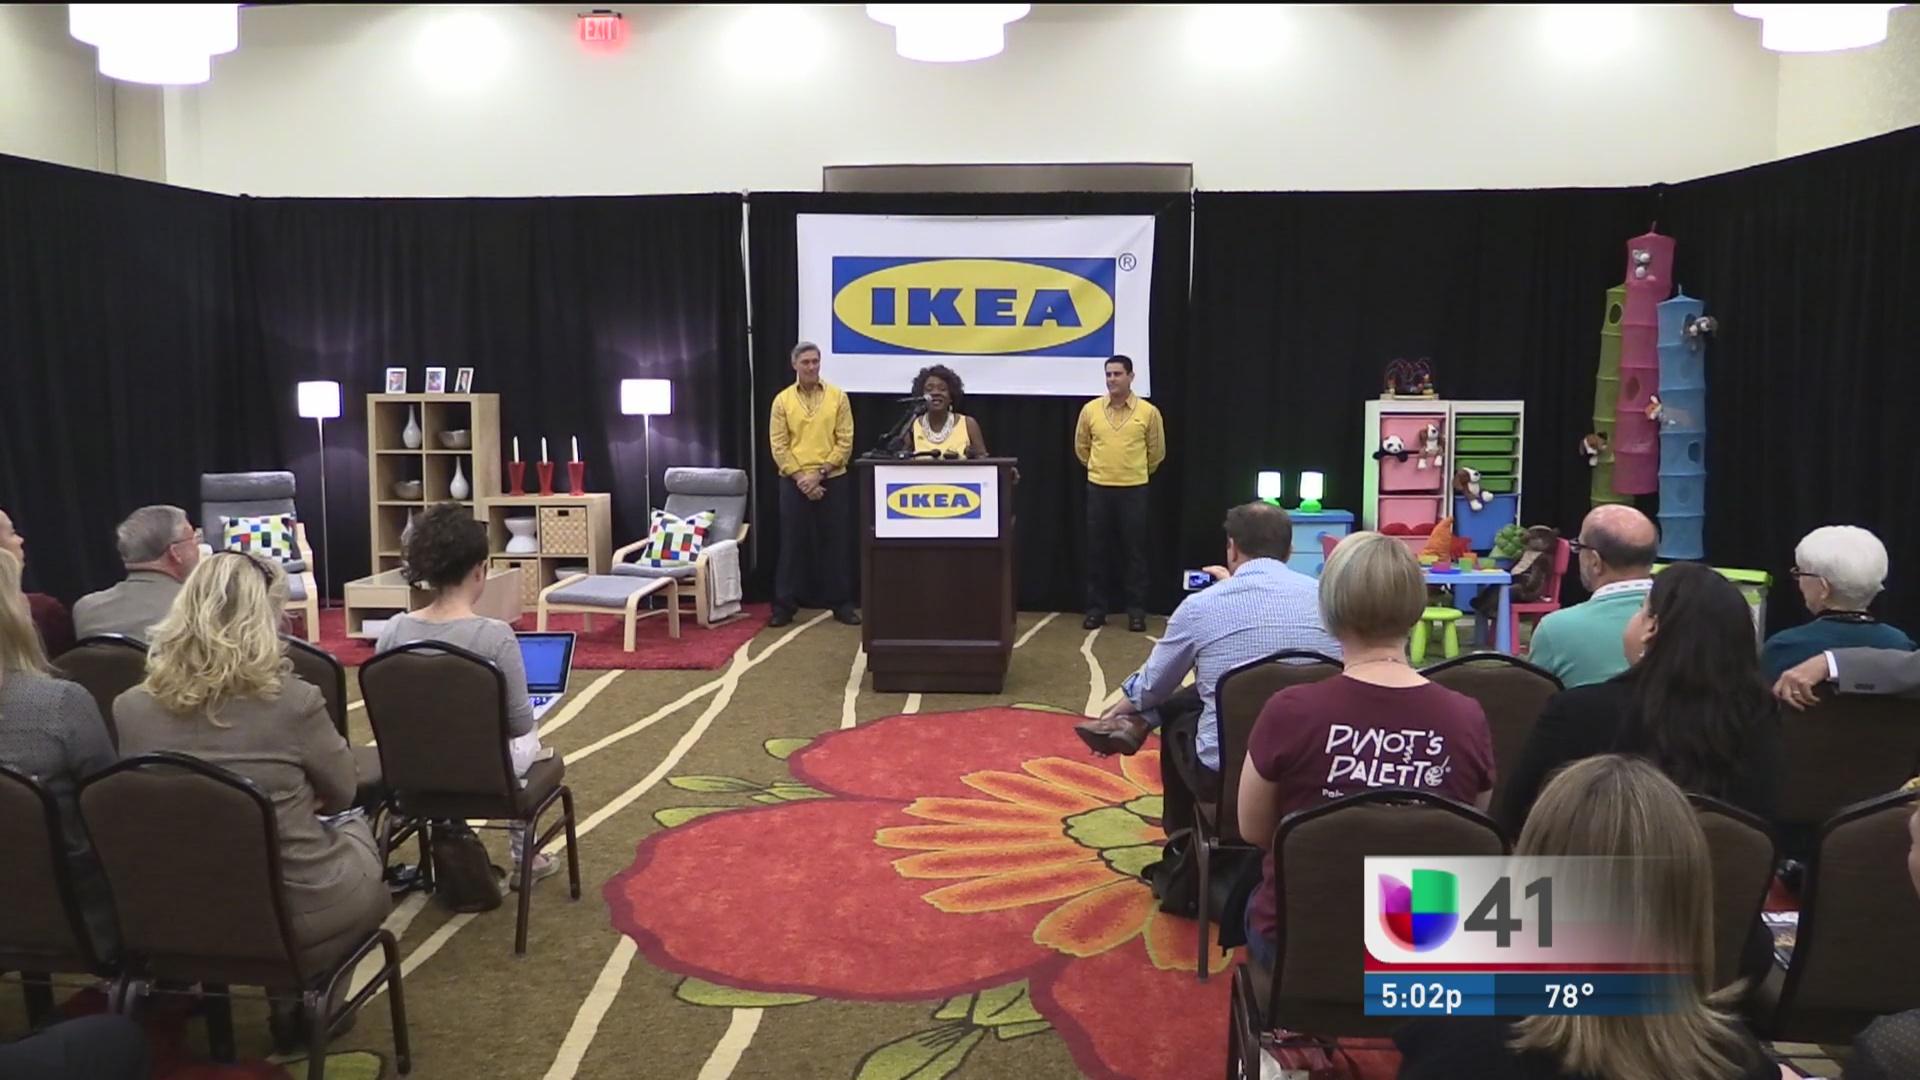 Ikea promete generar cientos de nuevos empleos en el for Ikea san antonio